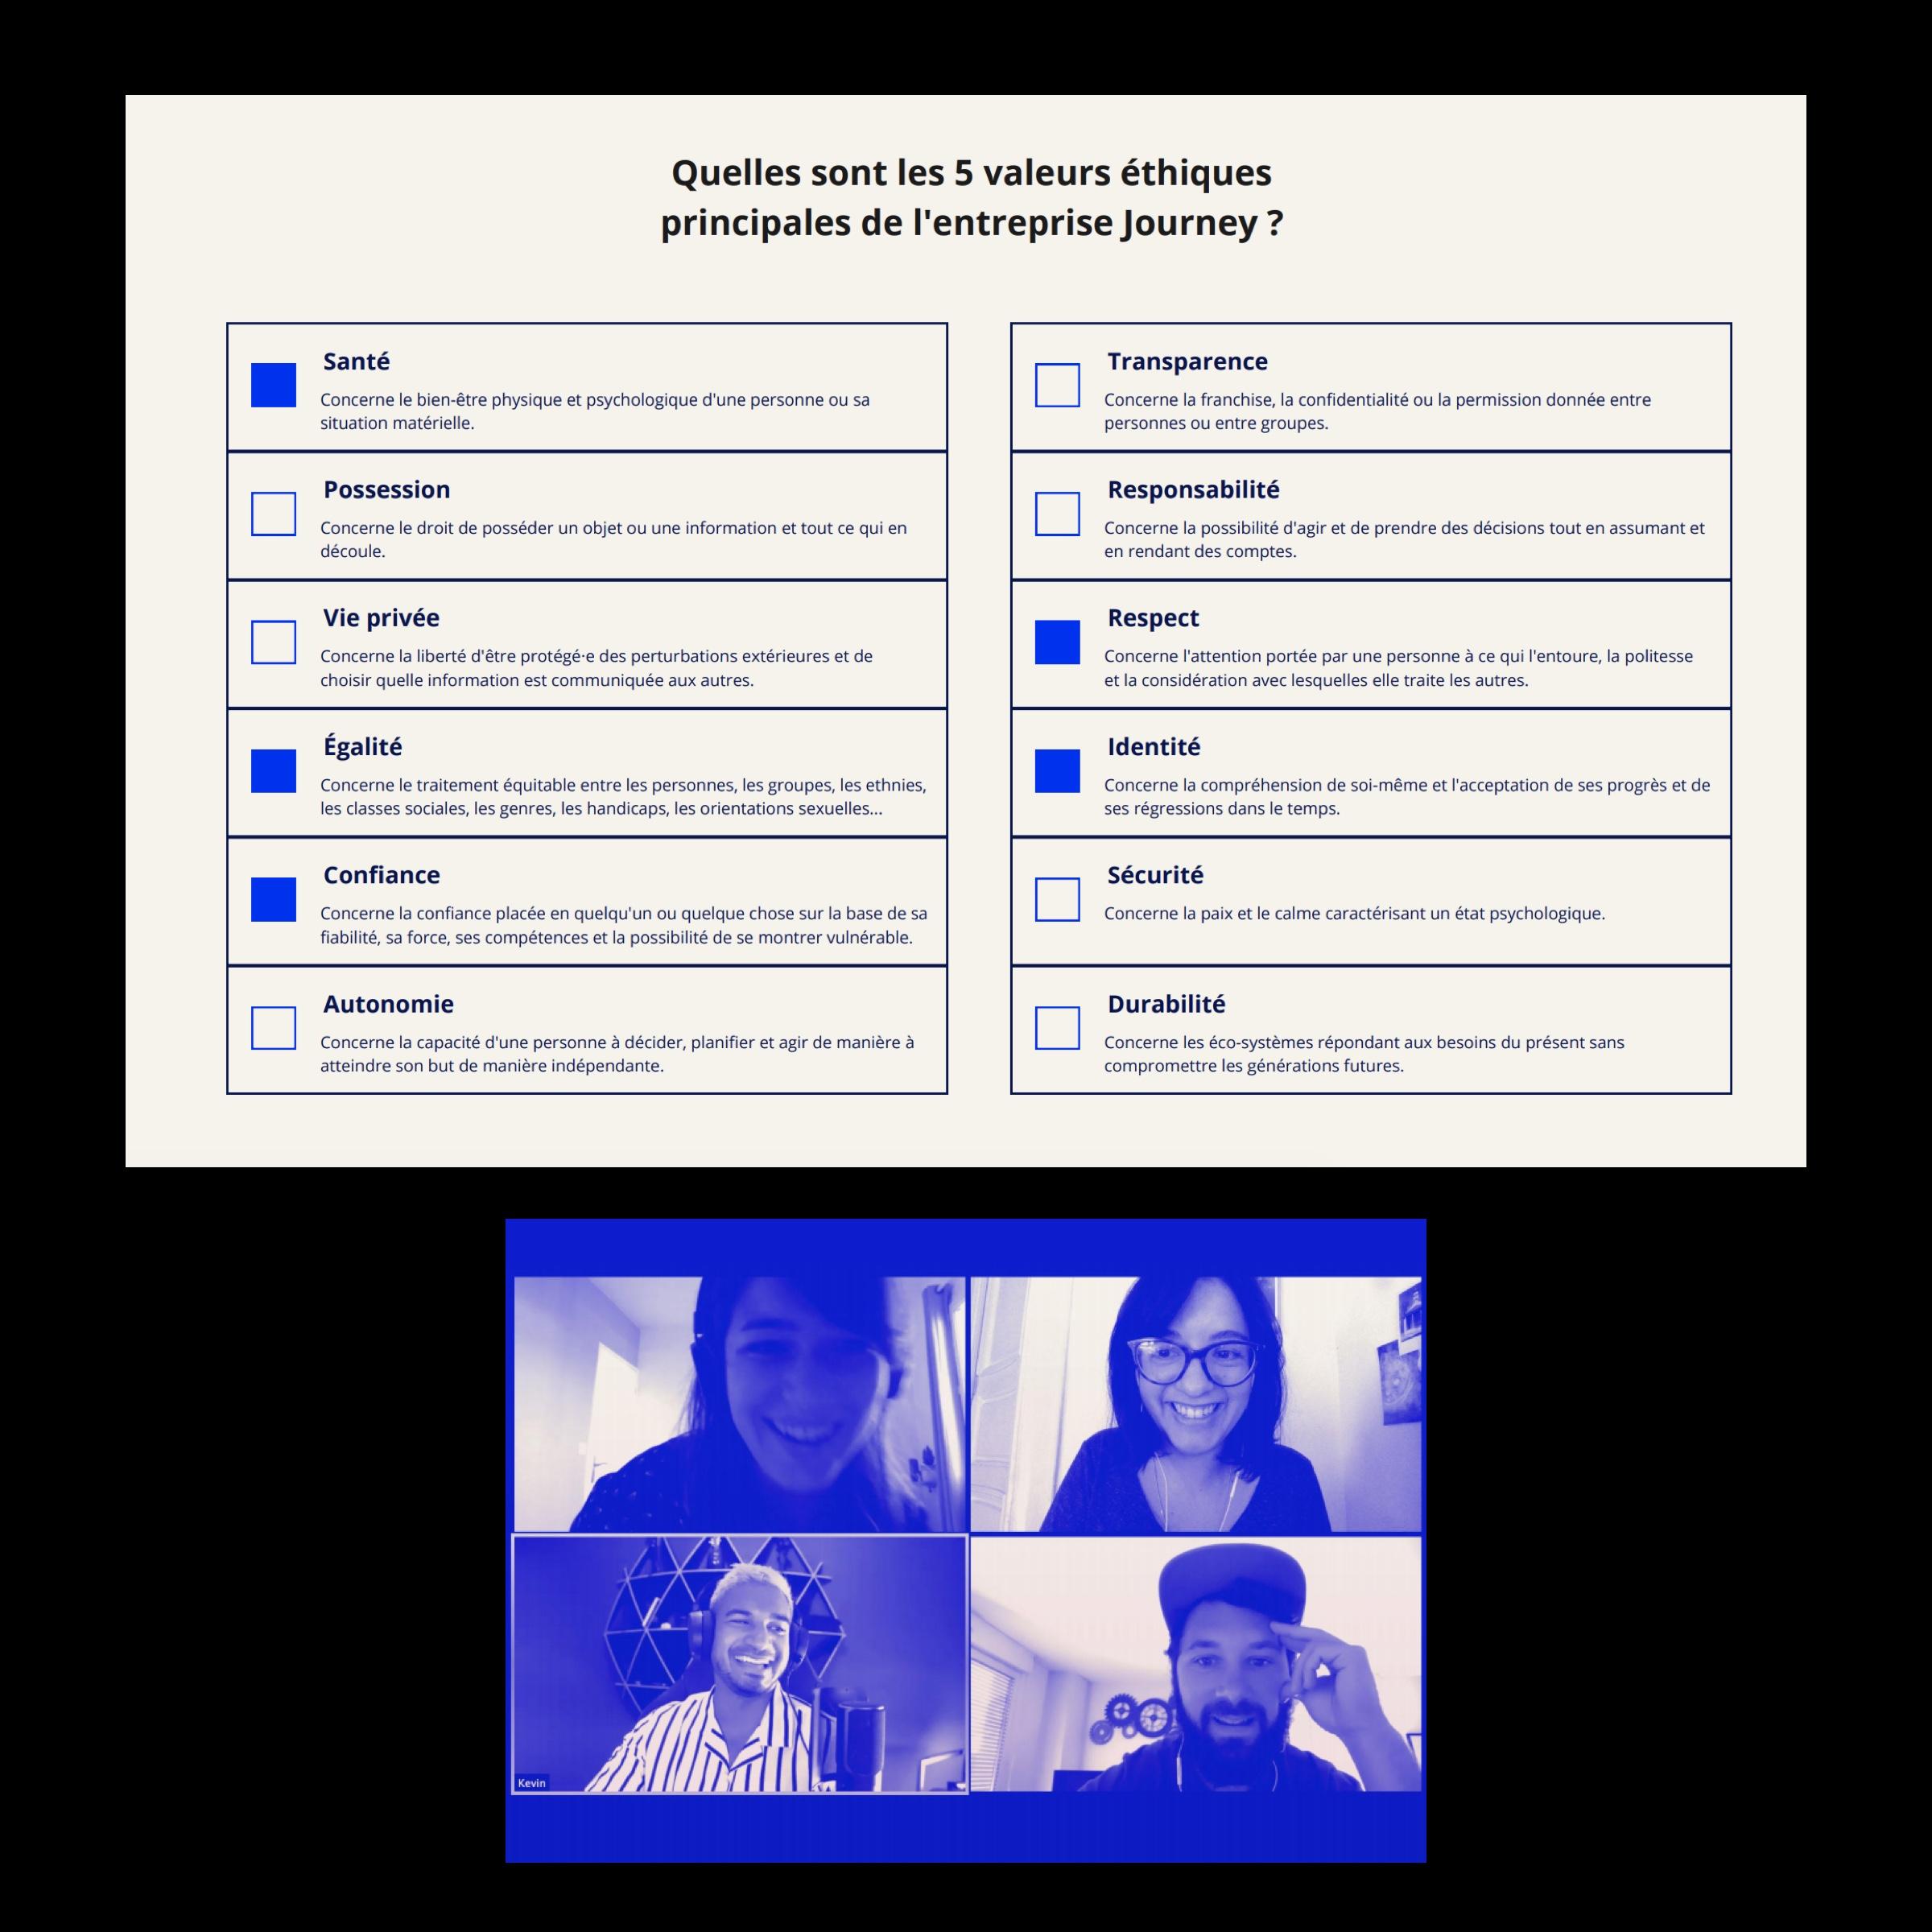 Capture d'écran du tableau de valeurs éthiques